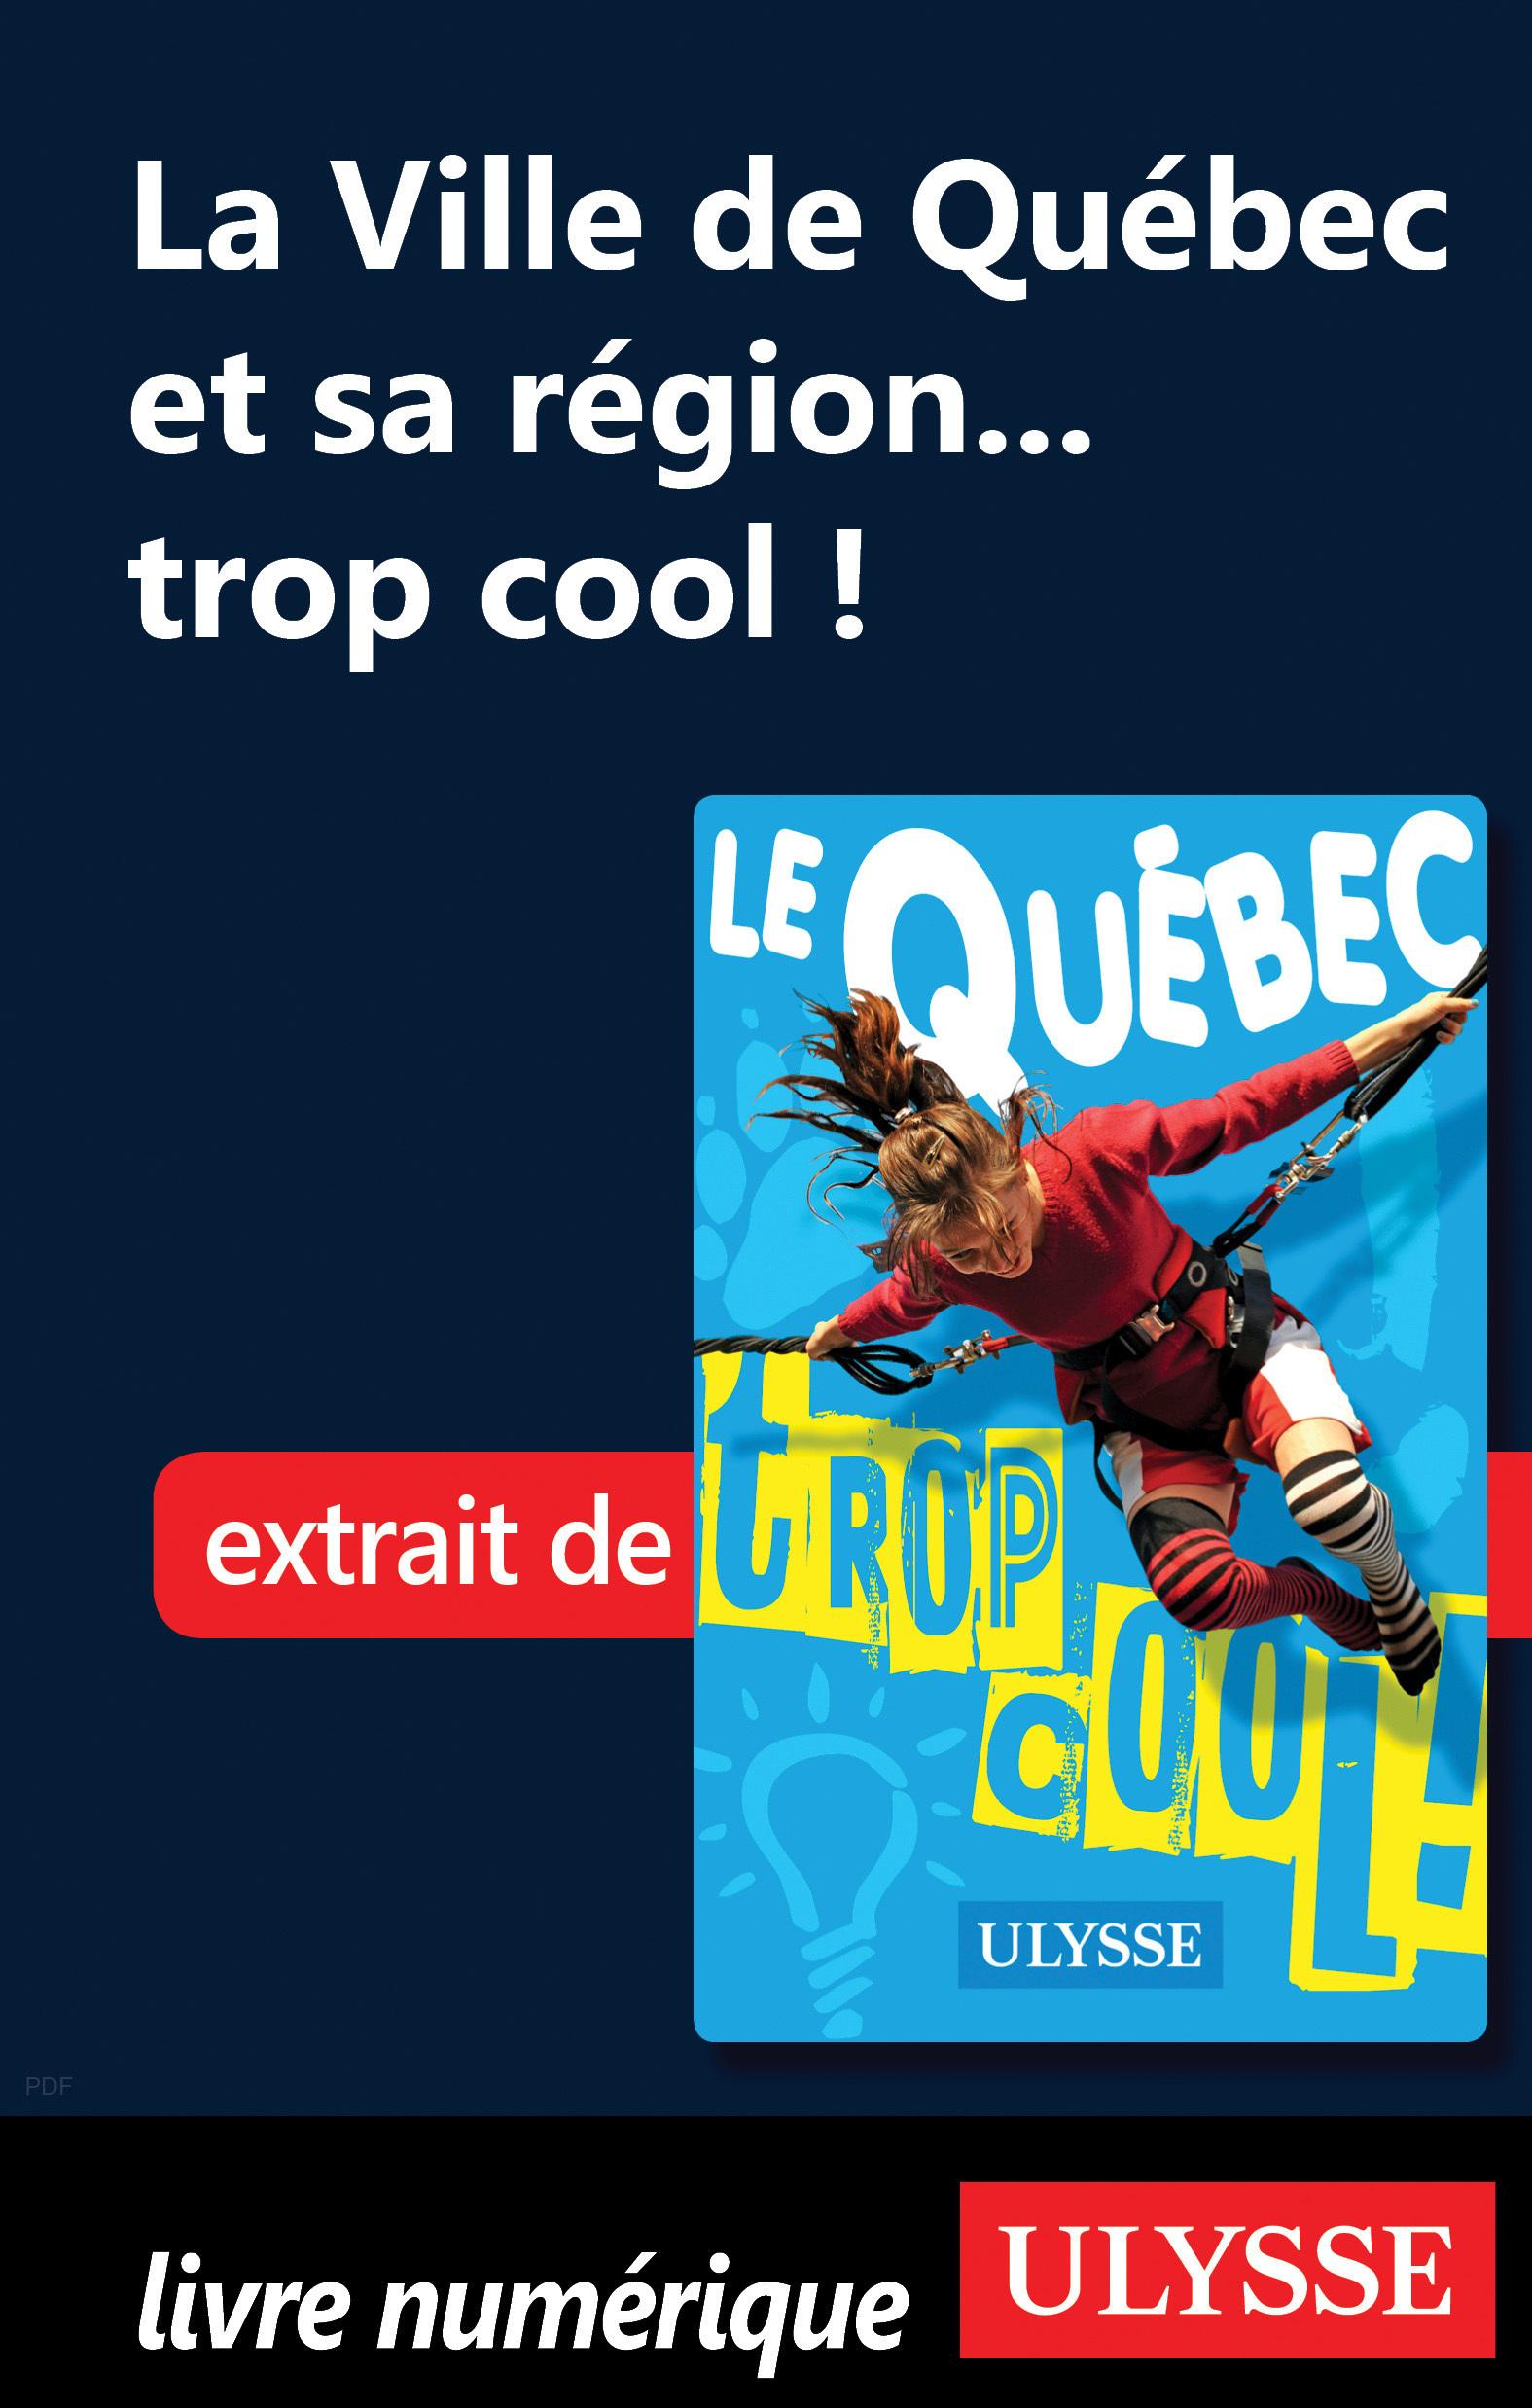 La Ville de Québec et sa région... trop cool !